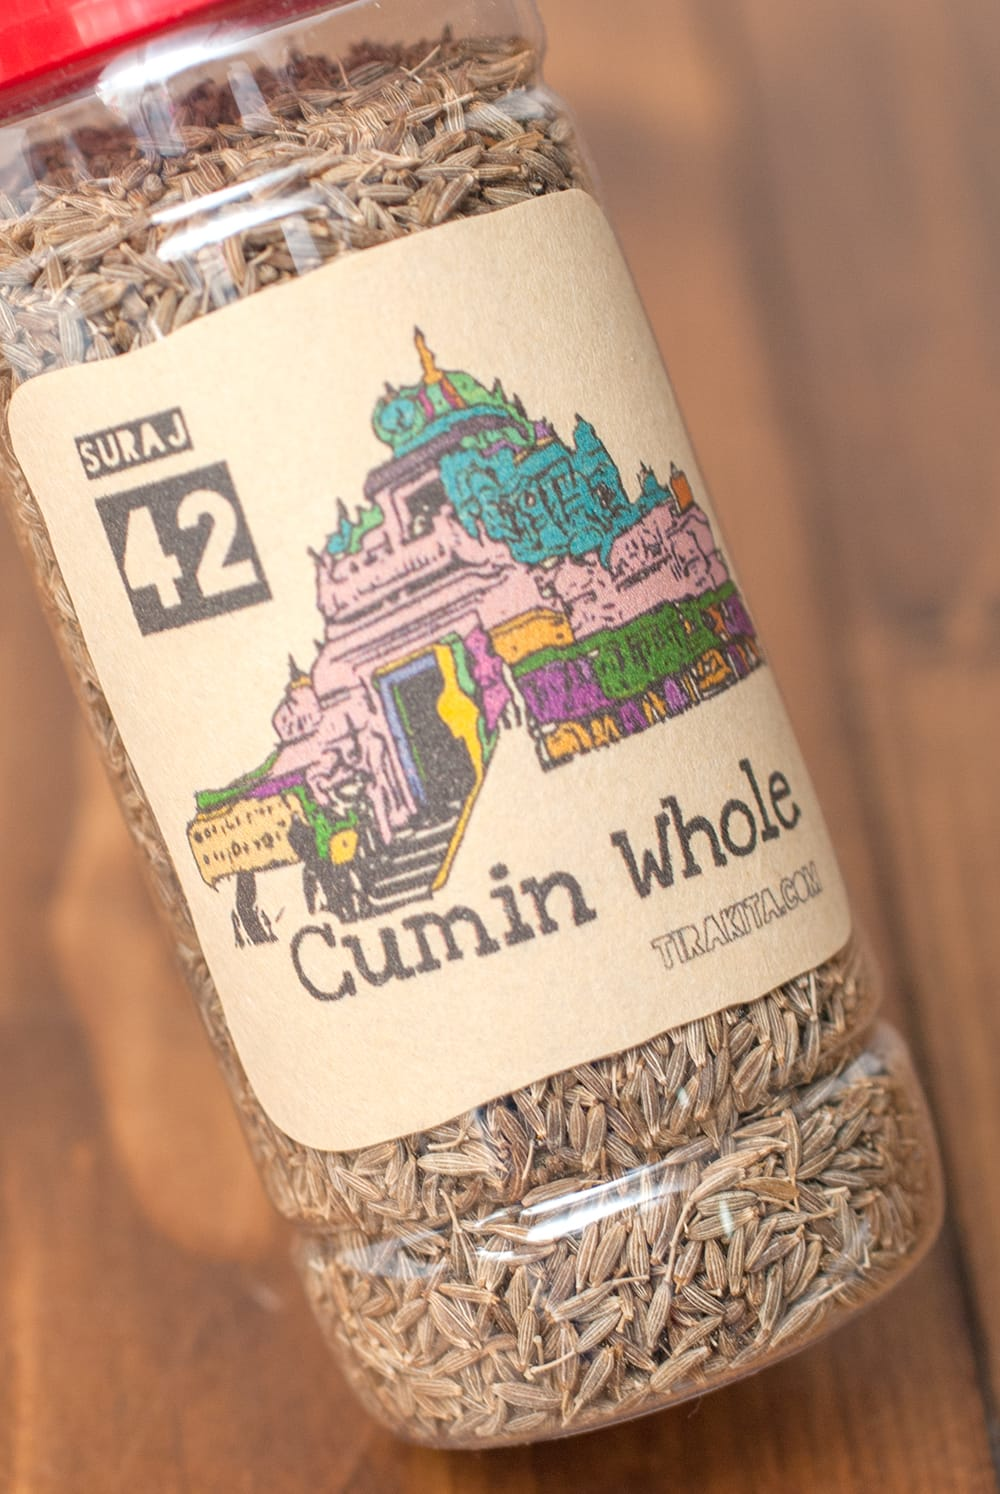 クミン ホール - Cumin Whole 【100g ボトル】 3 - 便利なボトル入り!